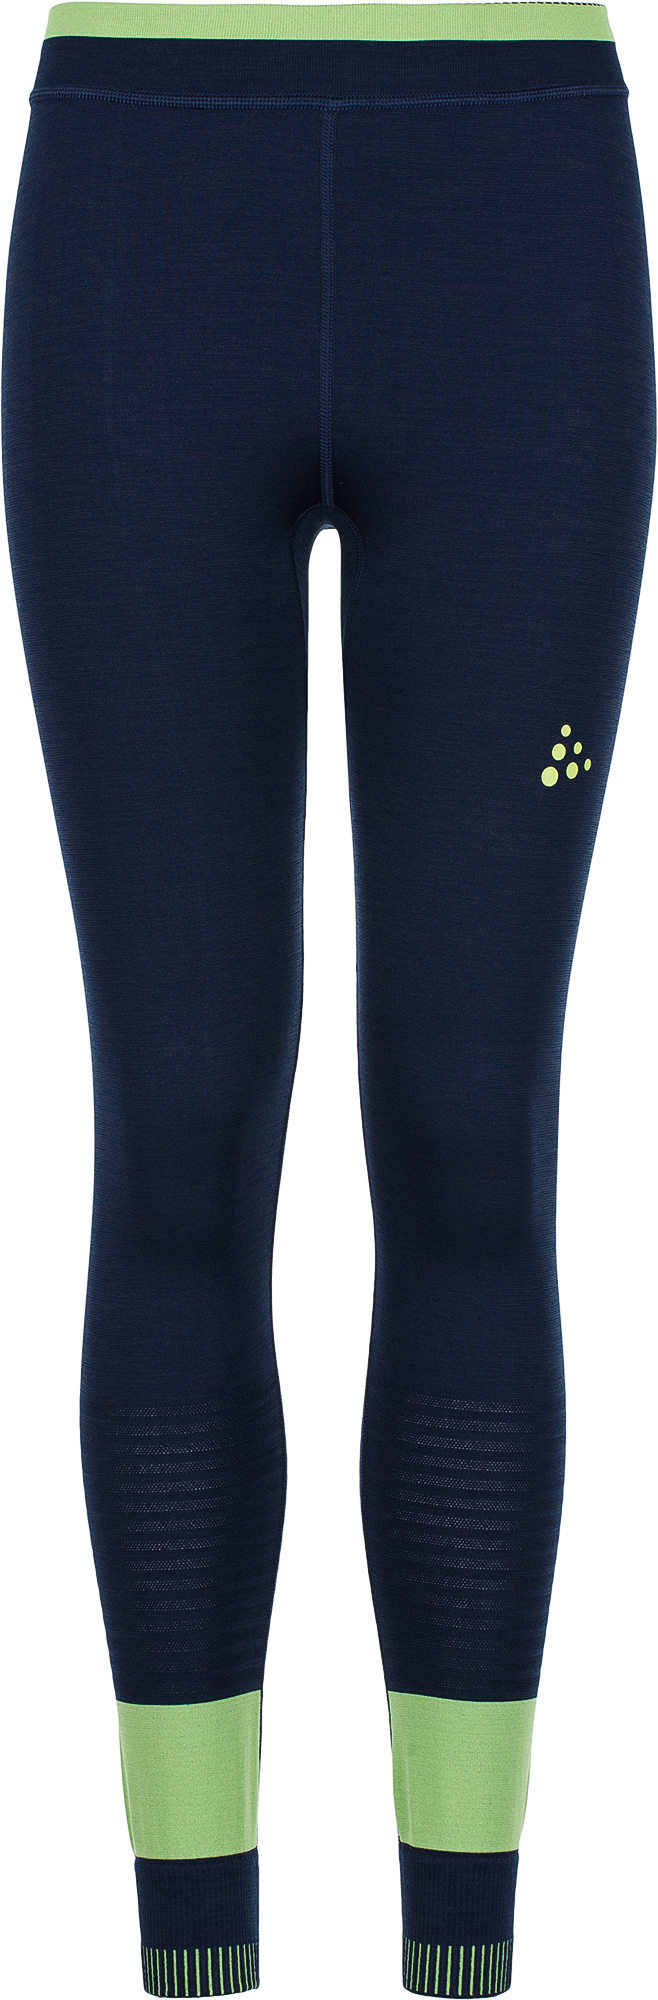 Craft Кальсоны для мальчиков Craft Fuseknit Comfort, размер 158-164 ostin джинсы comfort fit для мальчиков